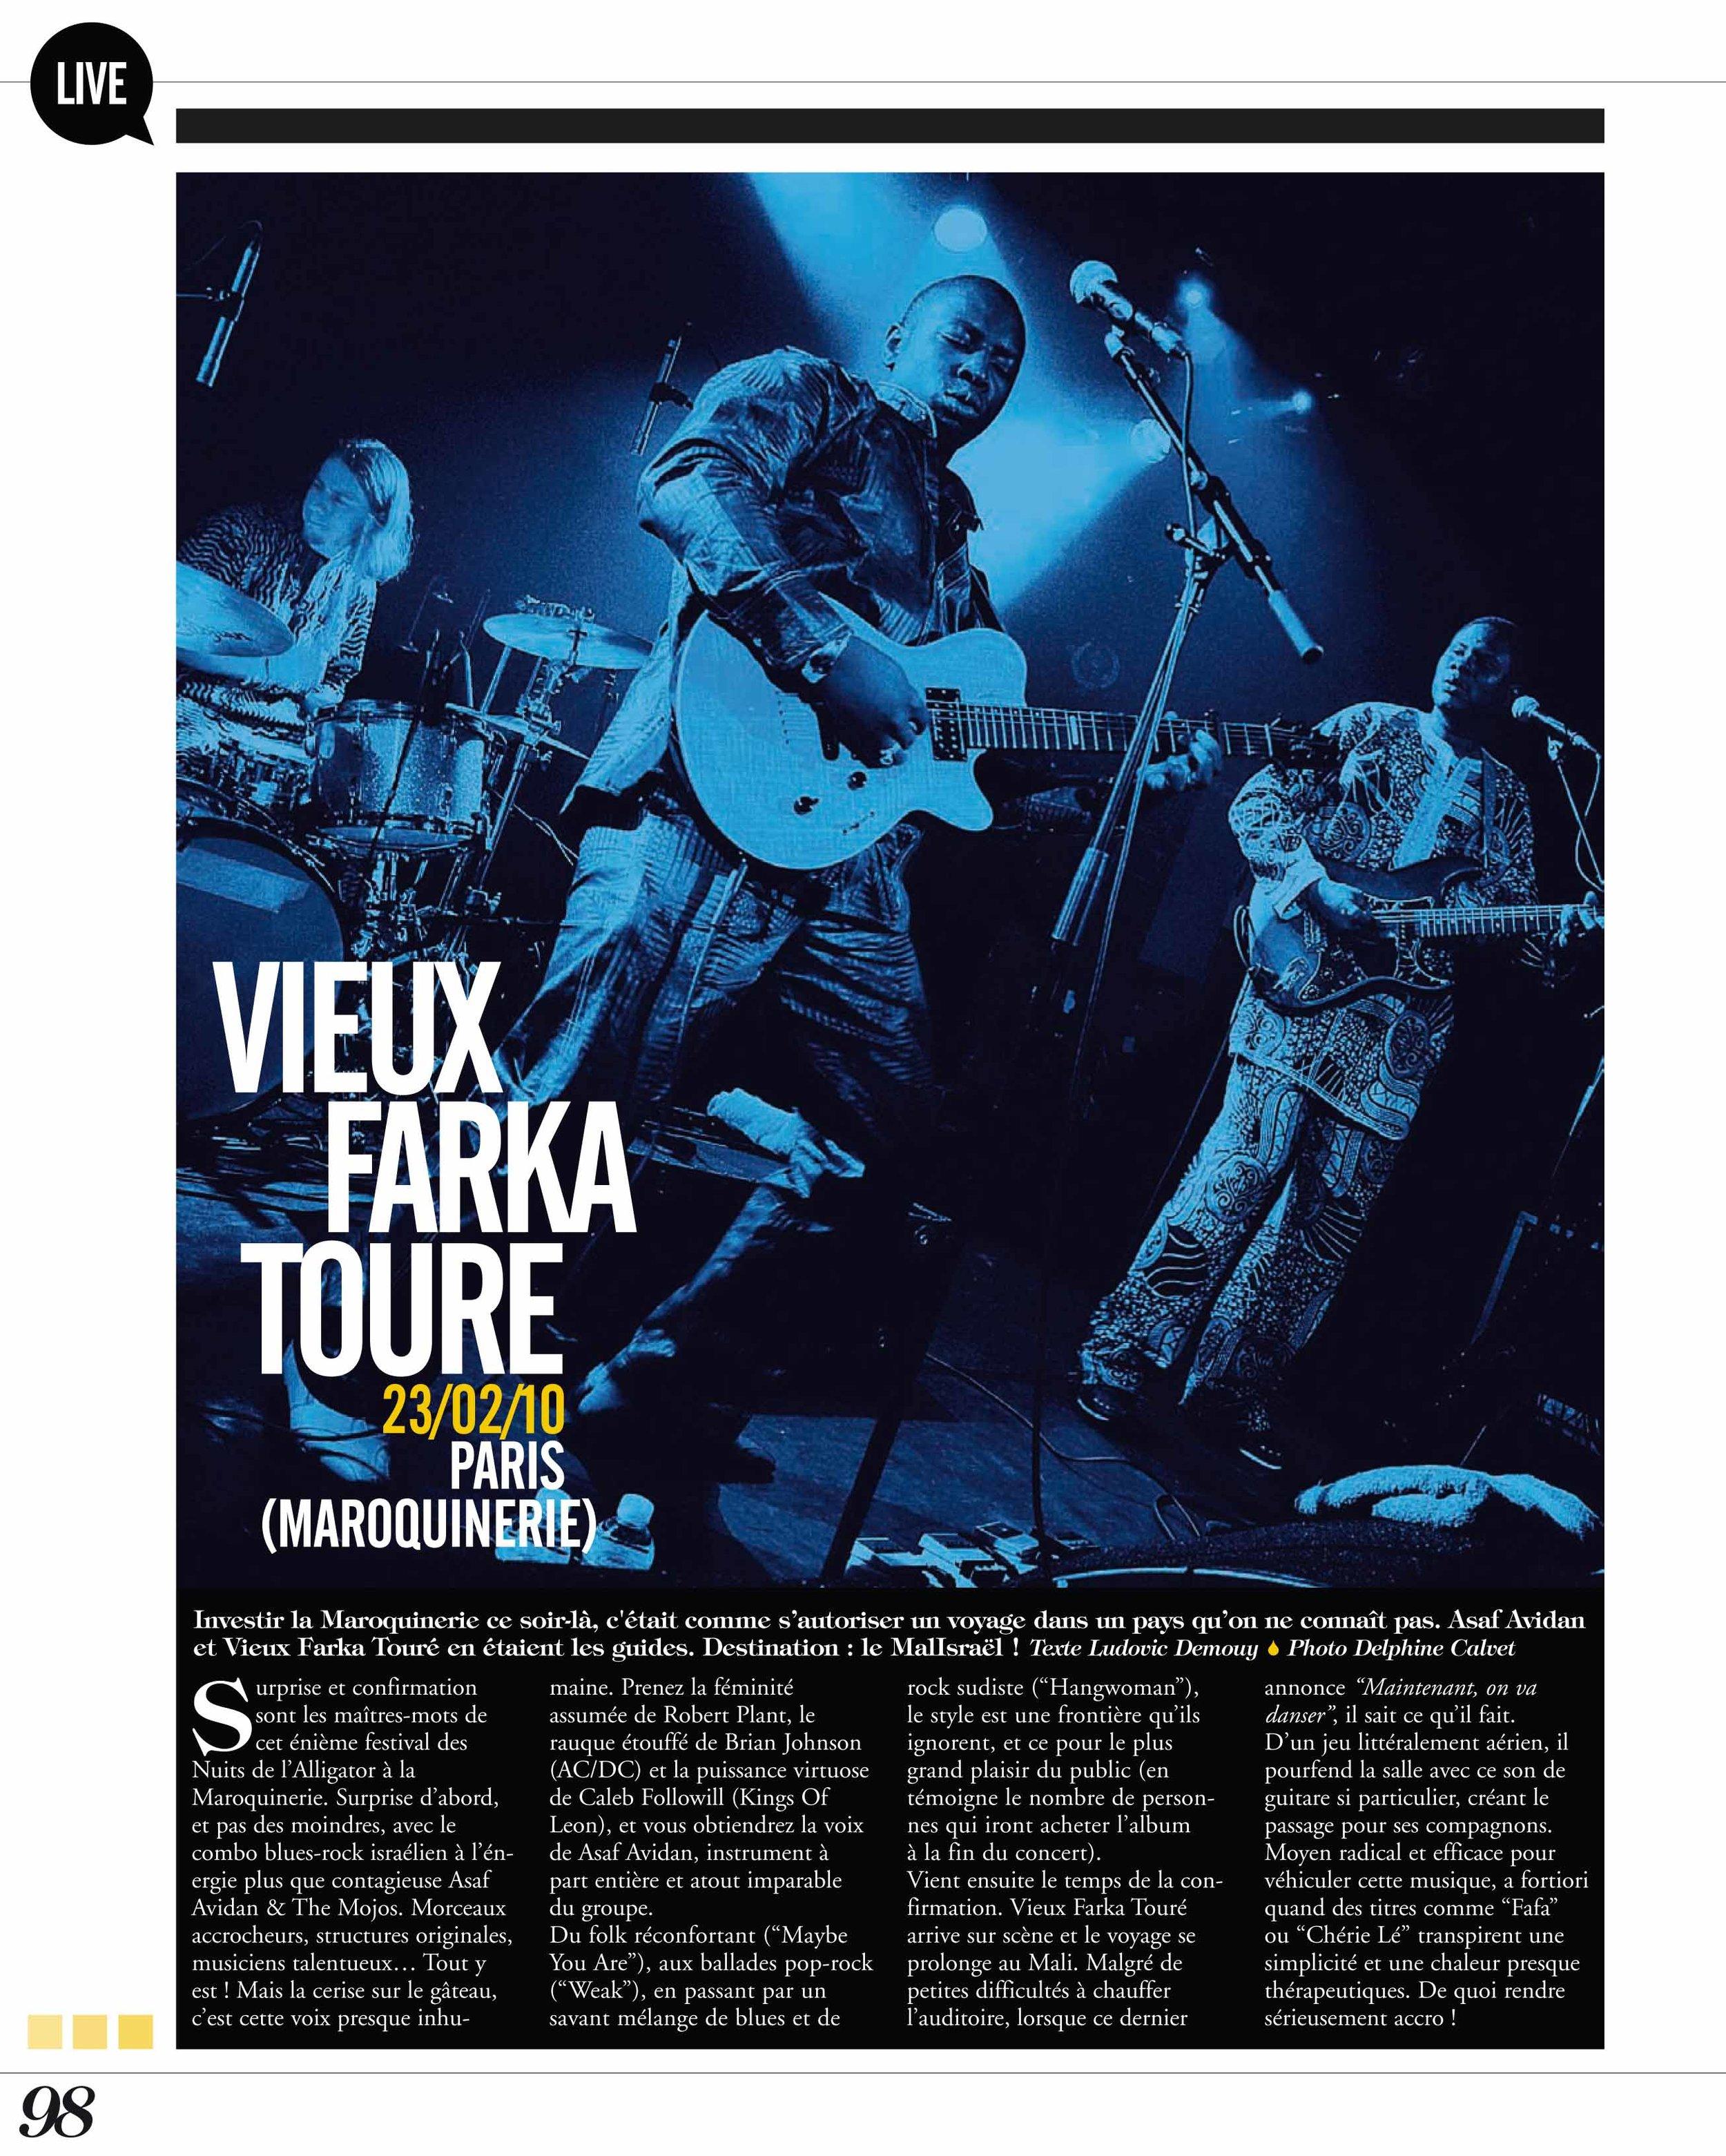 Vieux Farka Toure (World Sound)